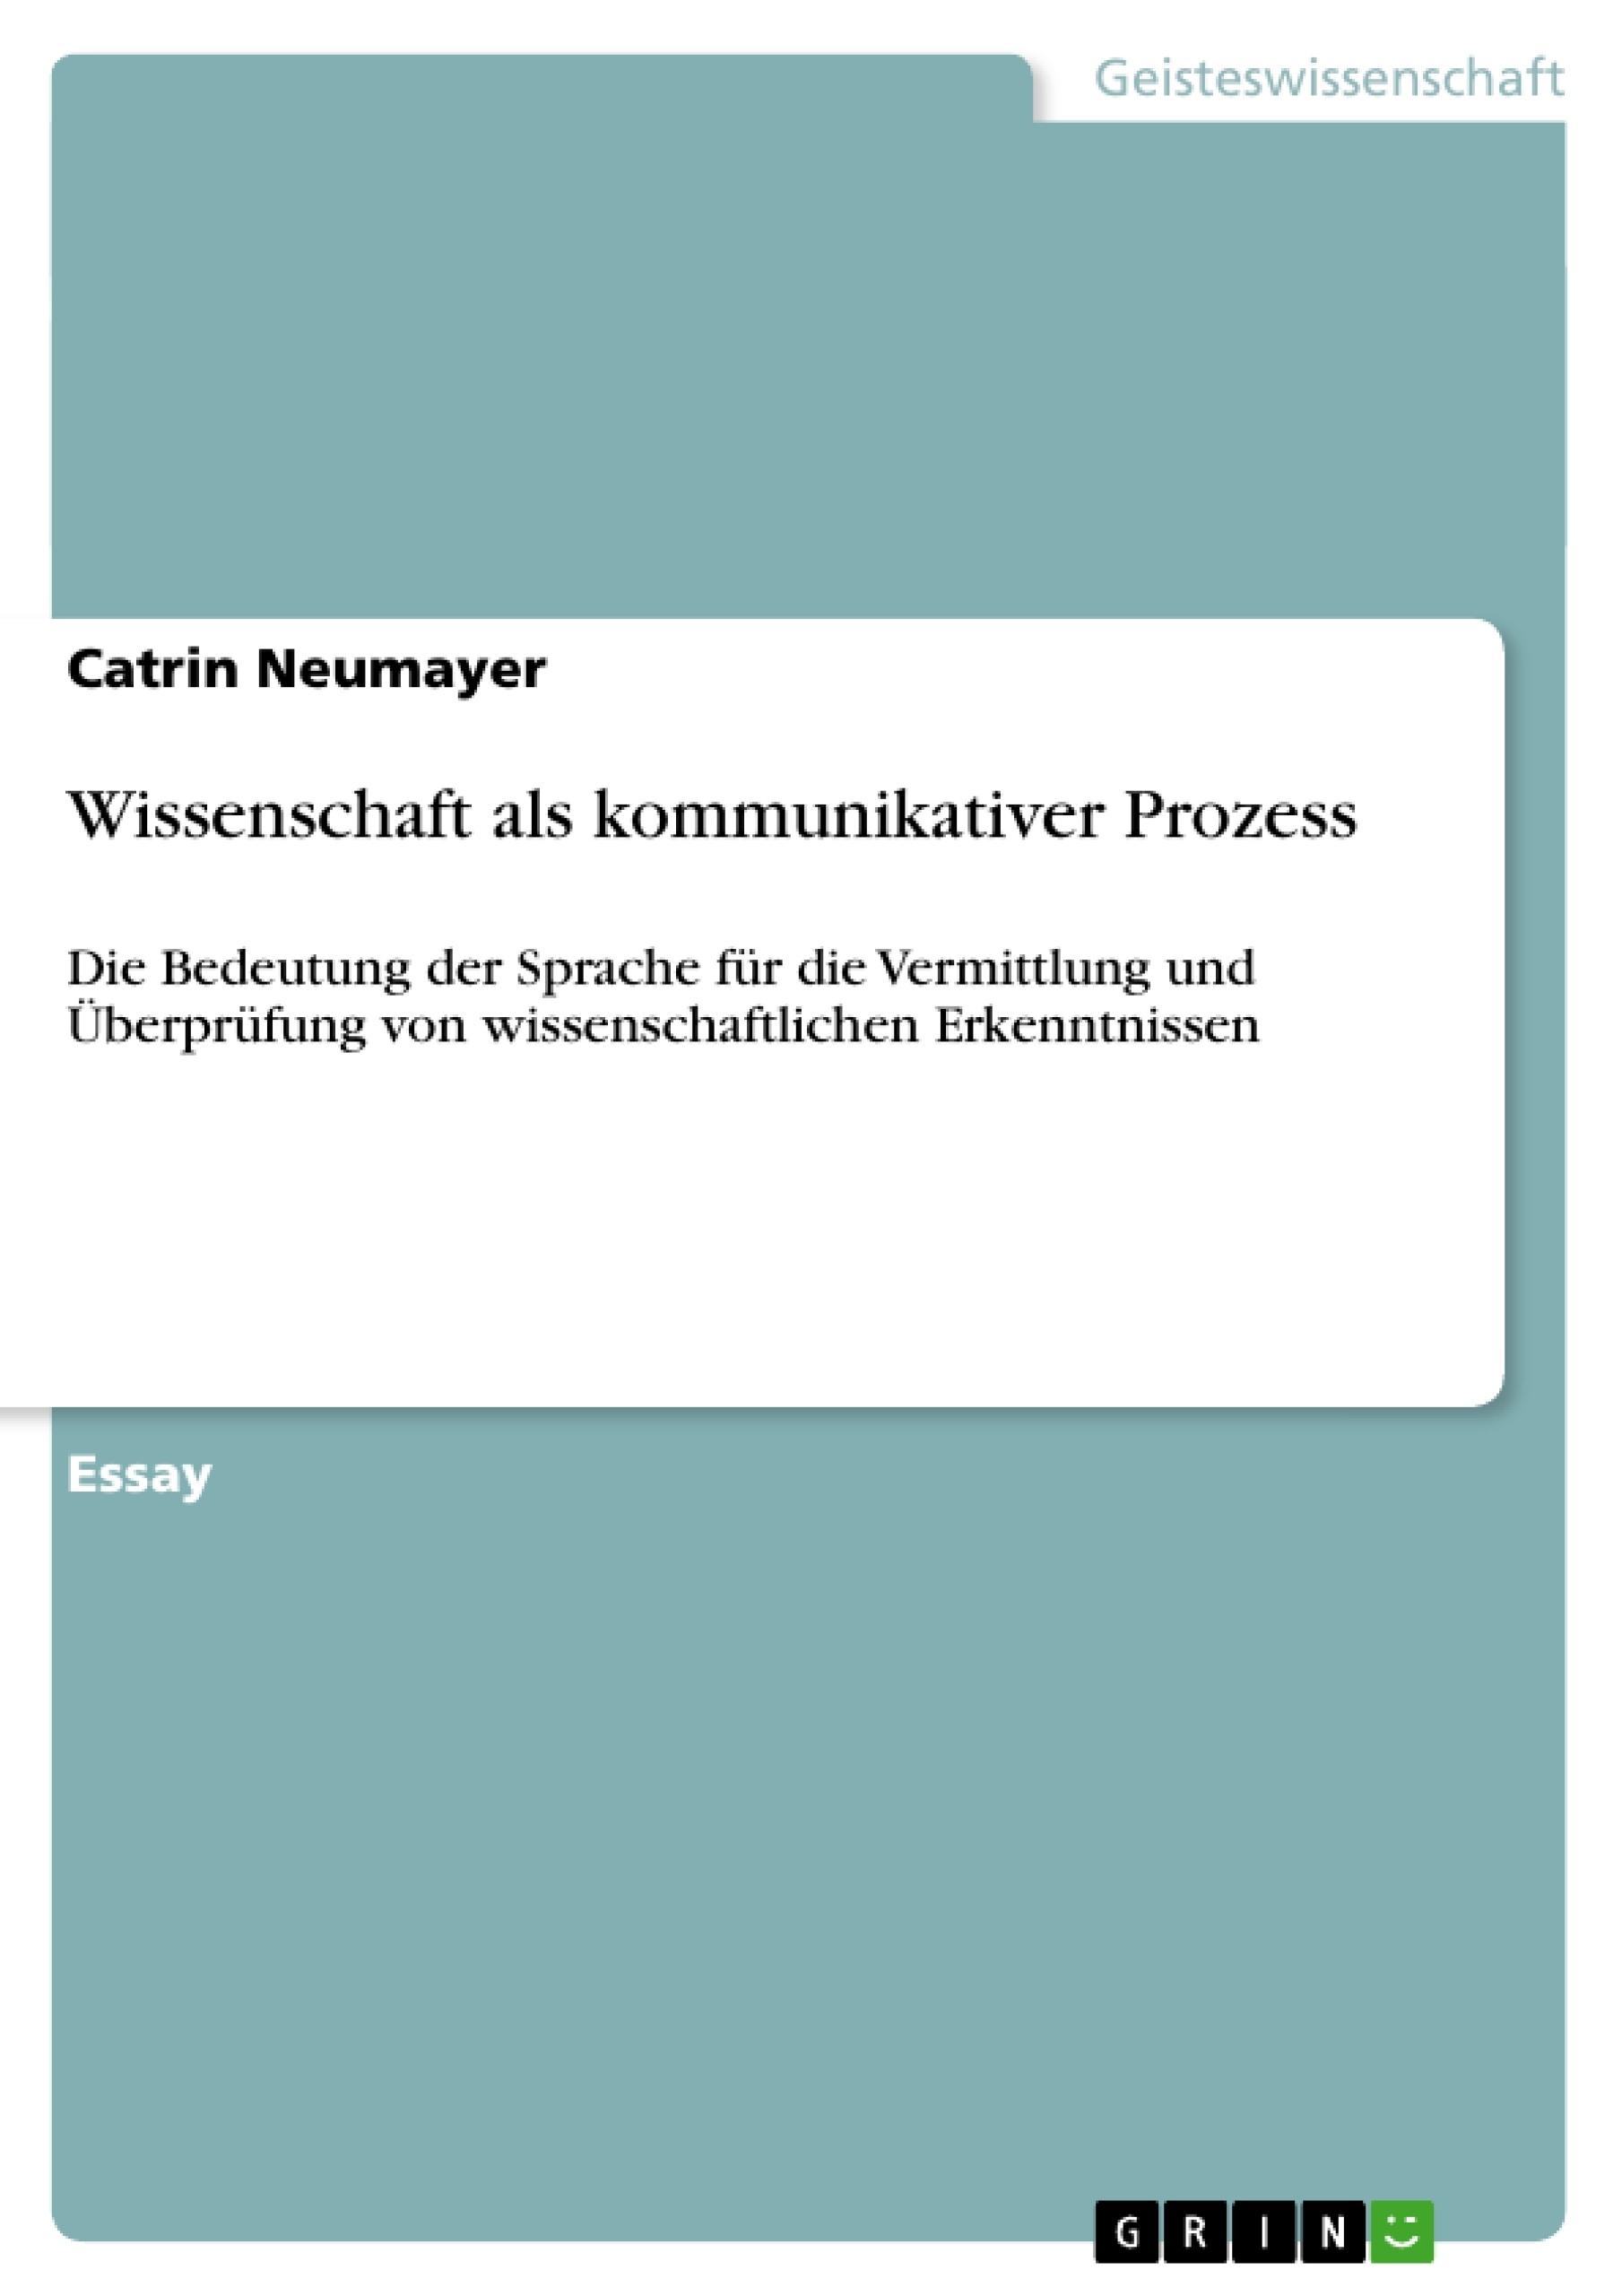 Titel: Wissenschaft als kommunikativer Prozess